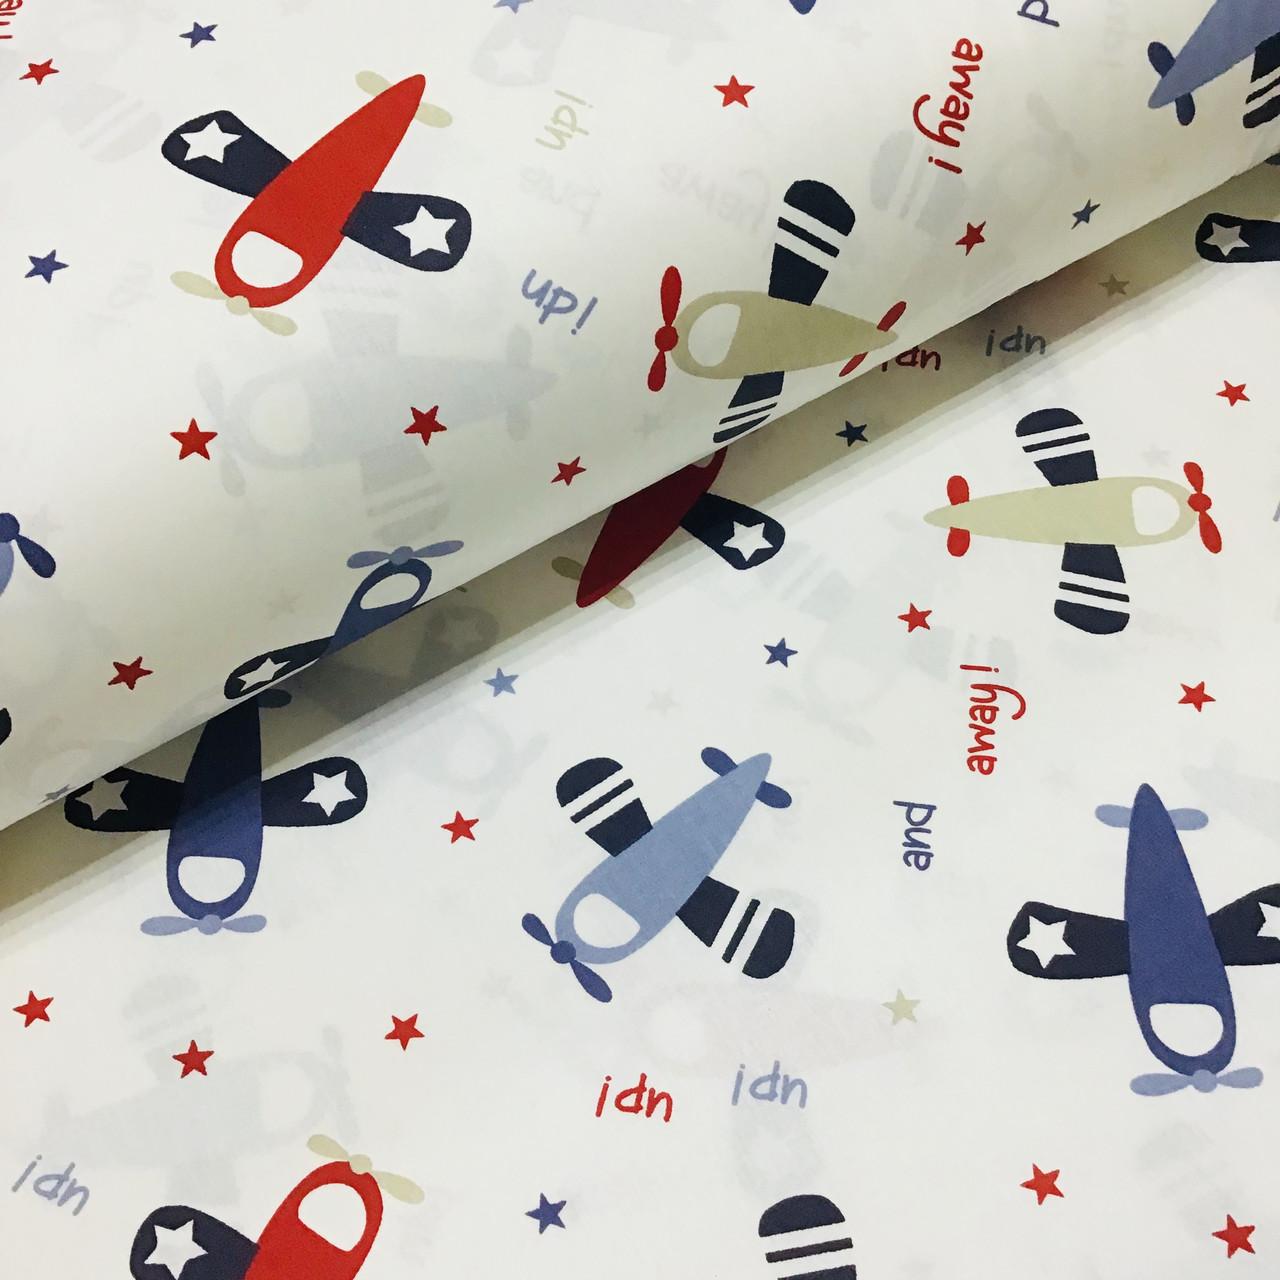 Ткань поплин самолетики голубые, красные и бежевые на белом (ТУРЦИЯ шир. 2,4 м) №33-142